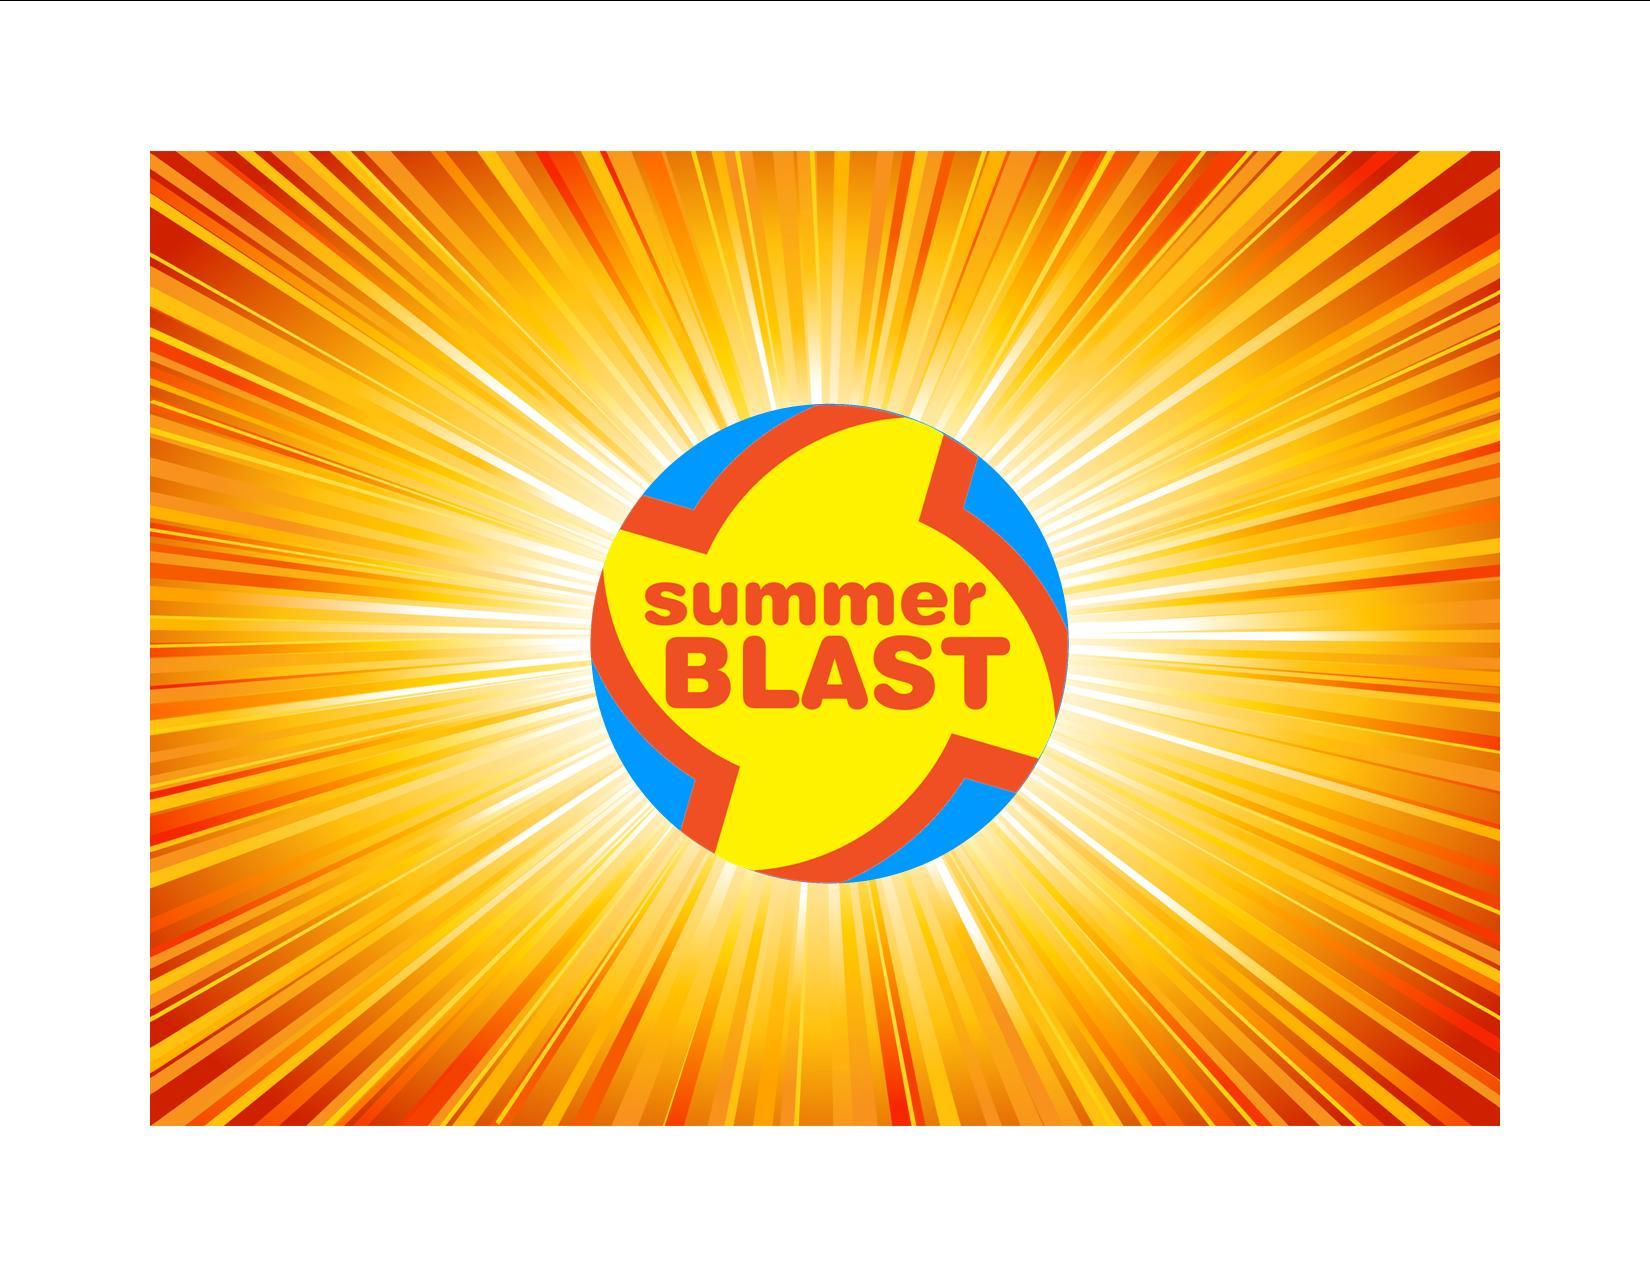 Summer Blast 2018 logo